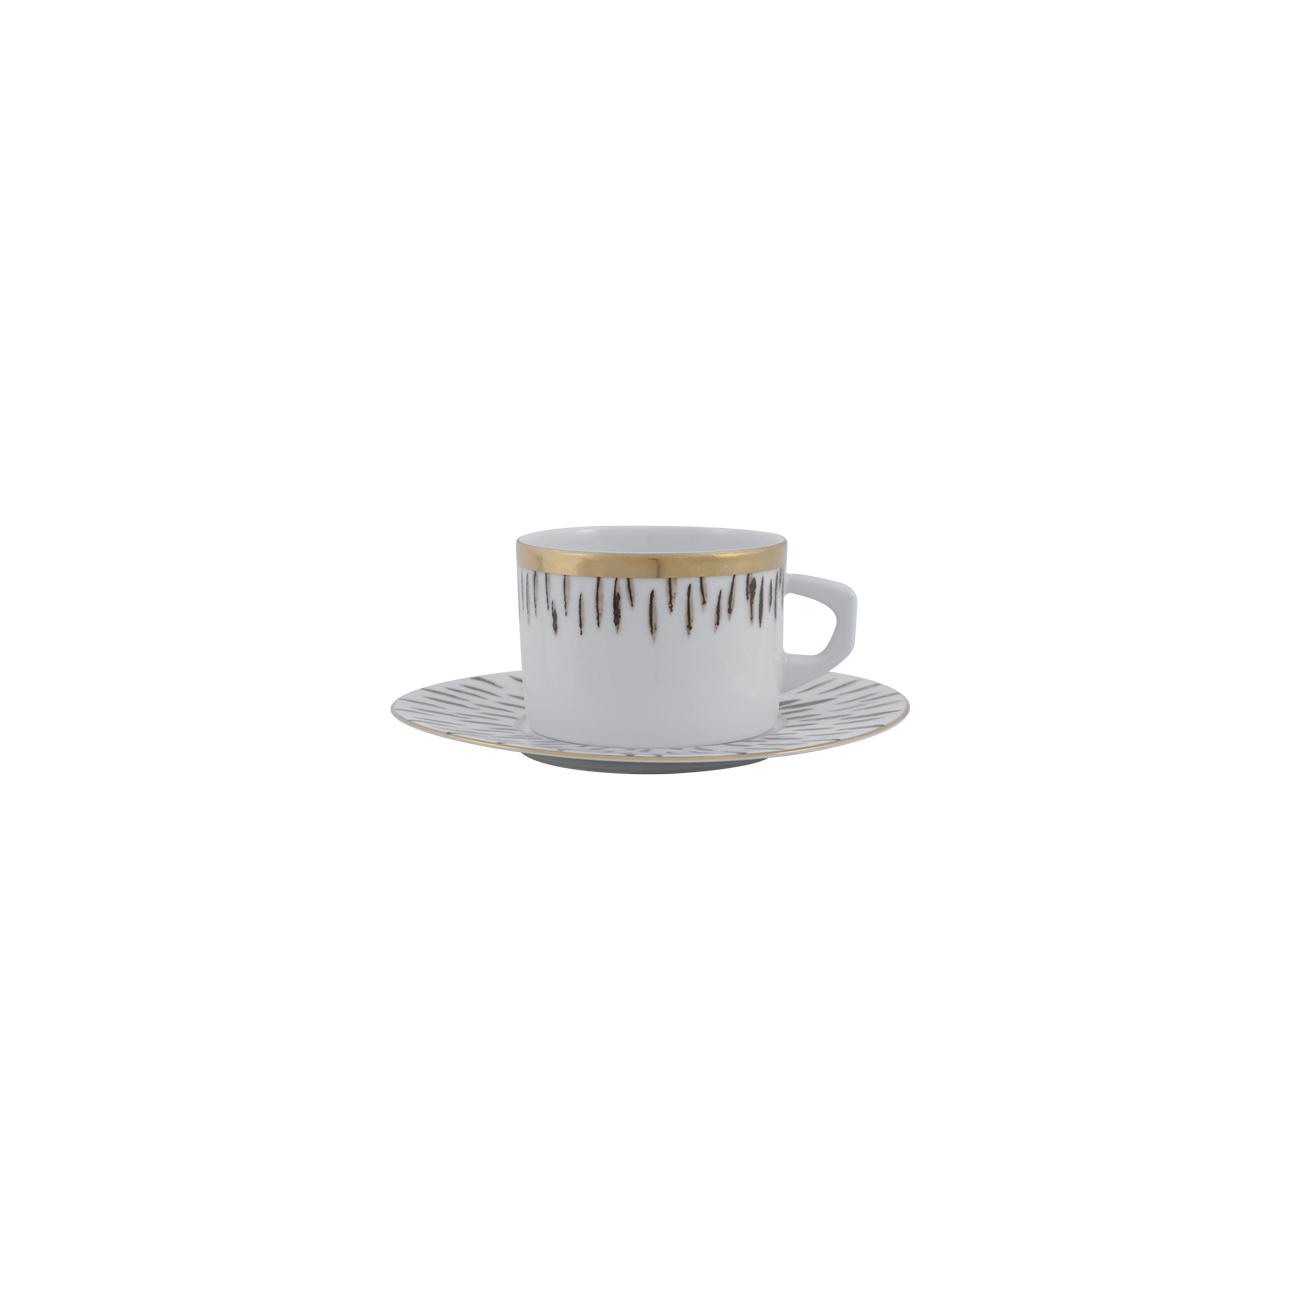 Chávena Chá 23cl New Alma + Pires Chá 16cm Myth 1